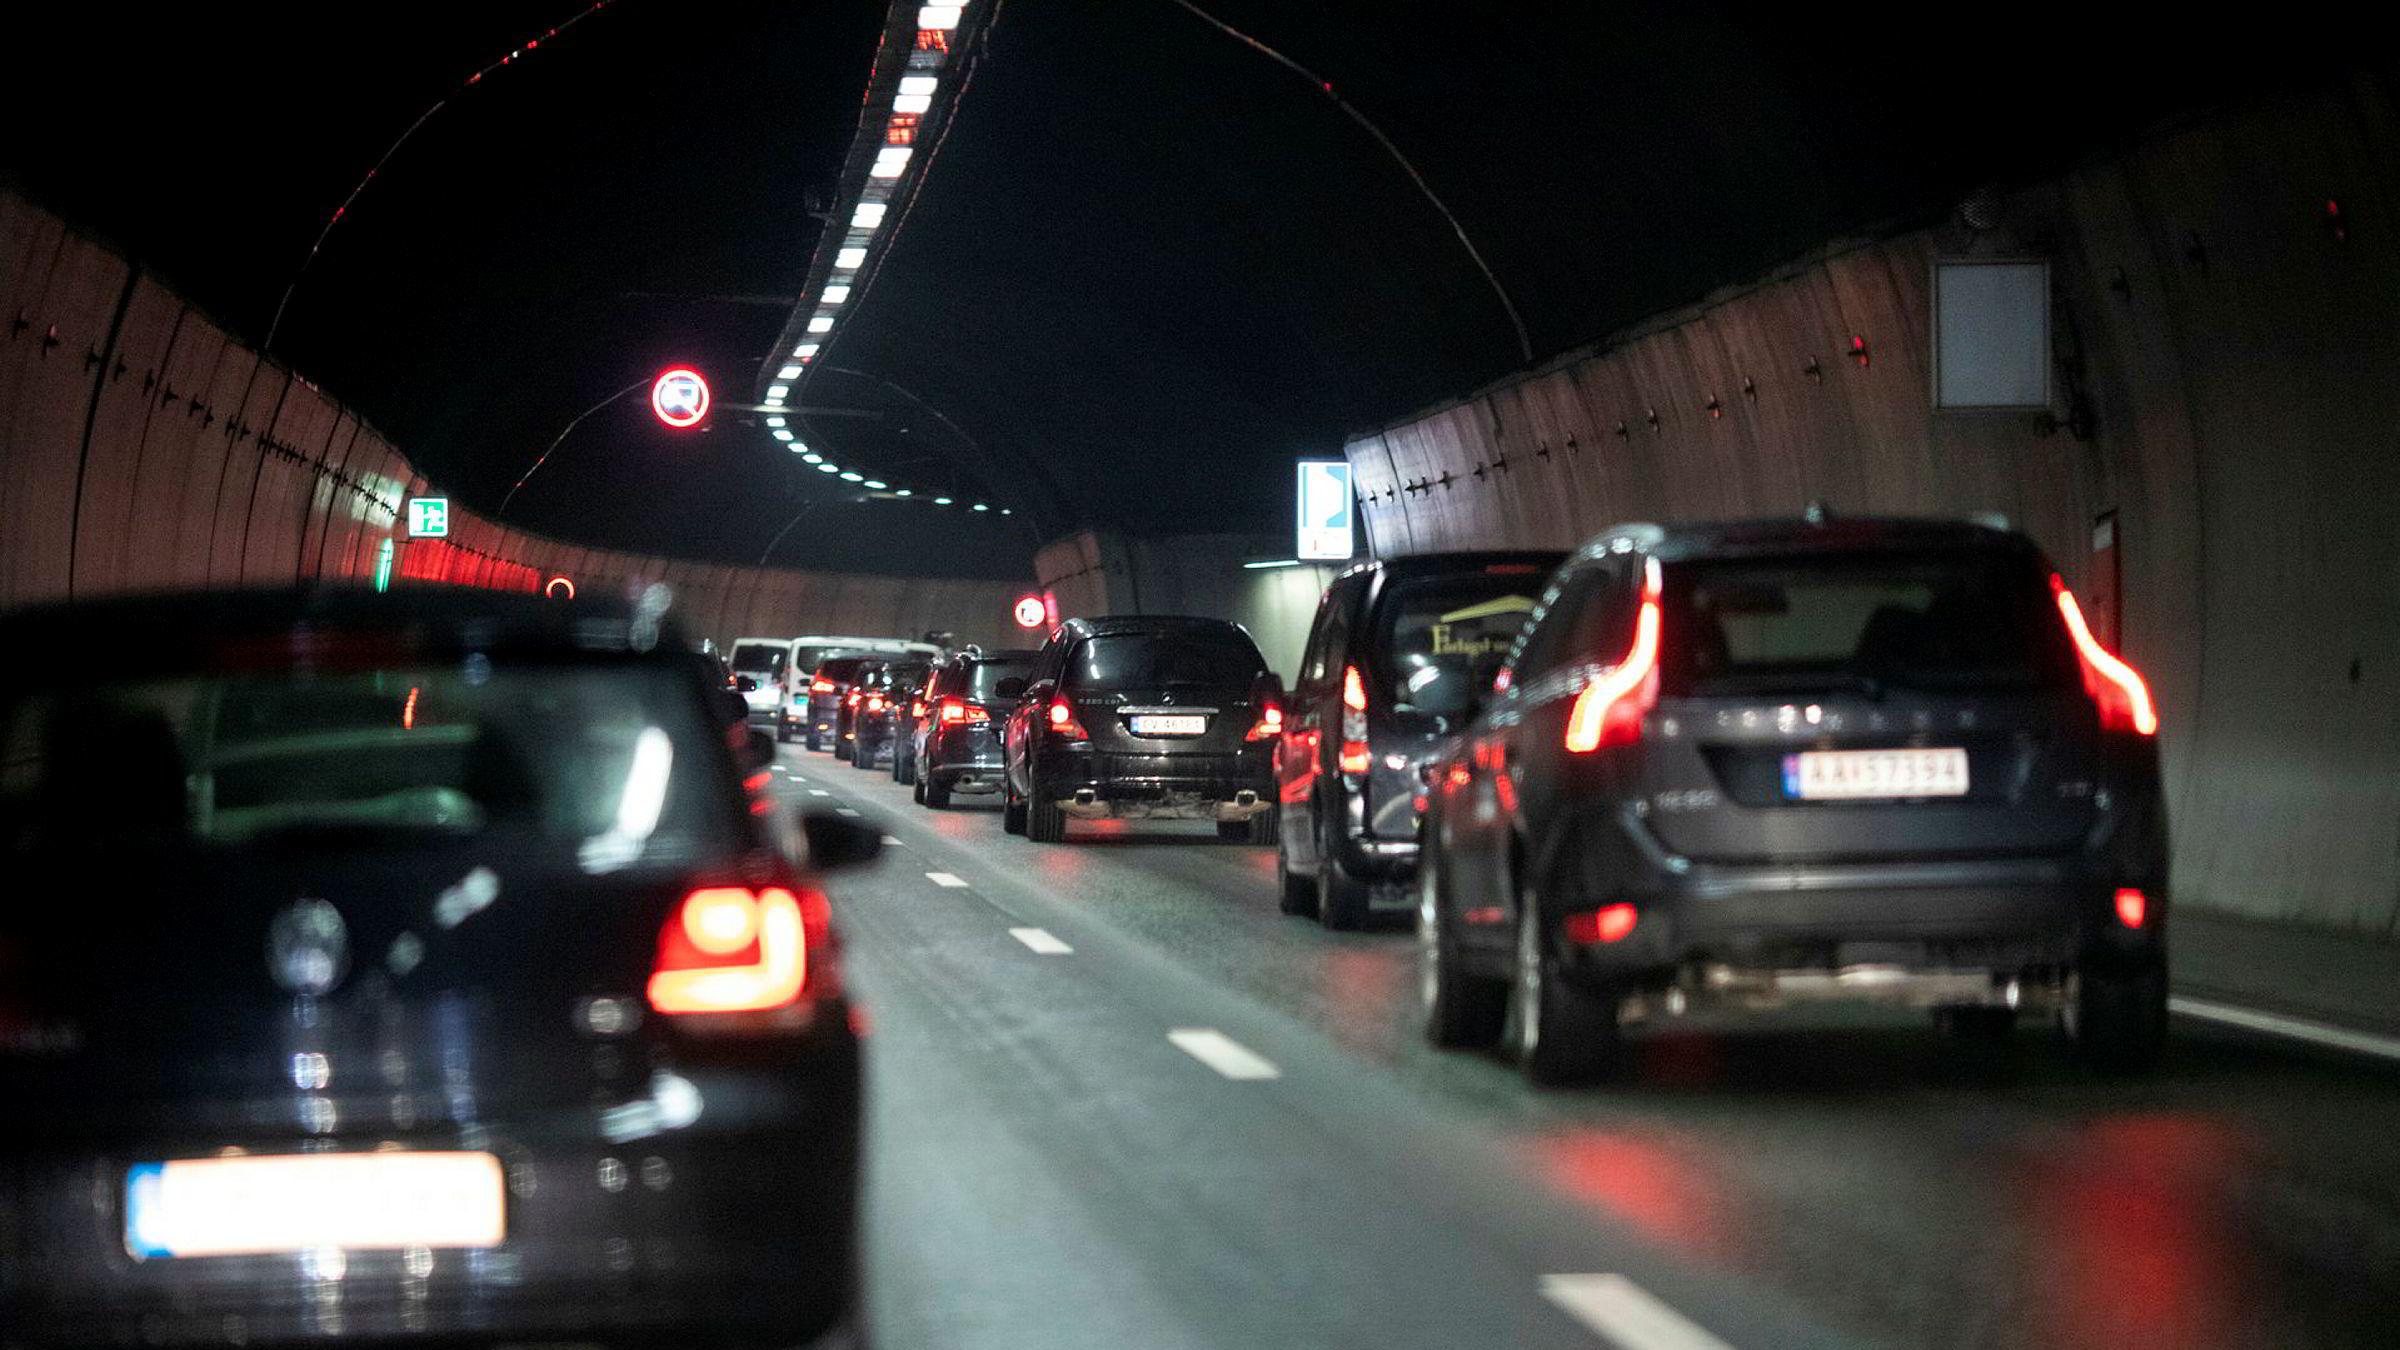 At bompengar ikkje kan brukast til å subsidiere billettprisane på buss og bane, fekk Oslo kommune informasjon om allereie i 2010 då Arbeidarpartiet sat ved roret, skriv Jon Georg Dale. Bilistar i kø i tunnelen til Ryen i Oslo.